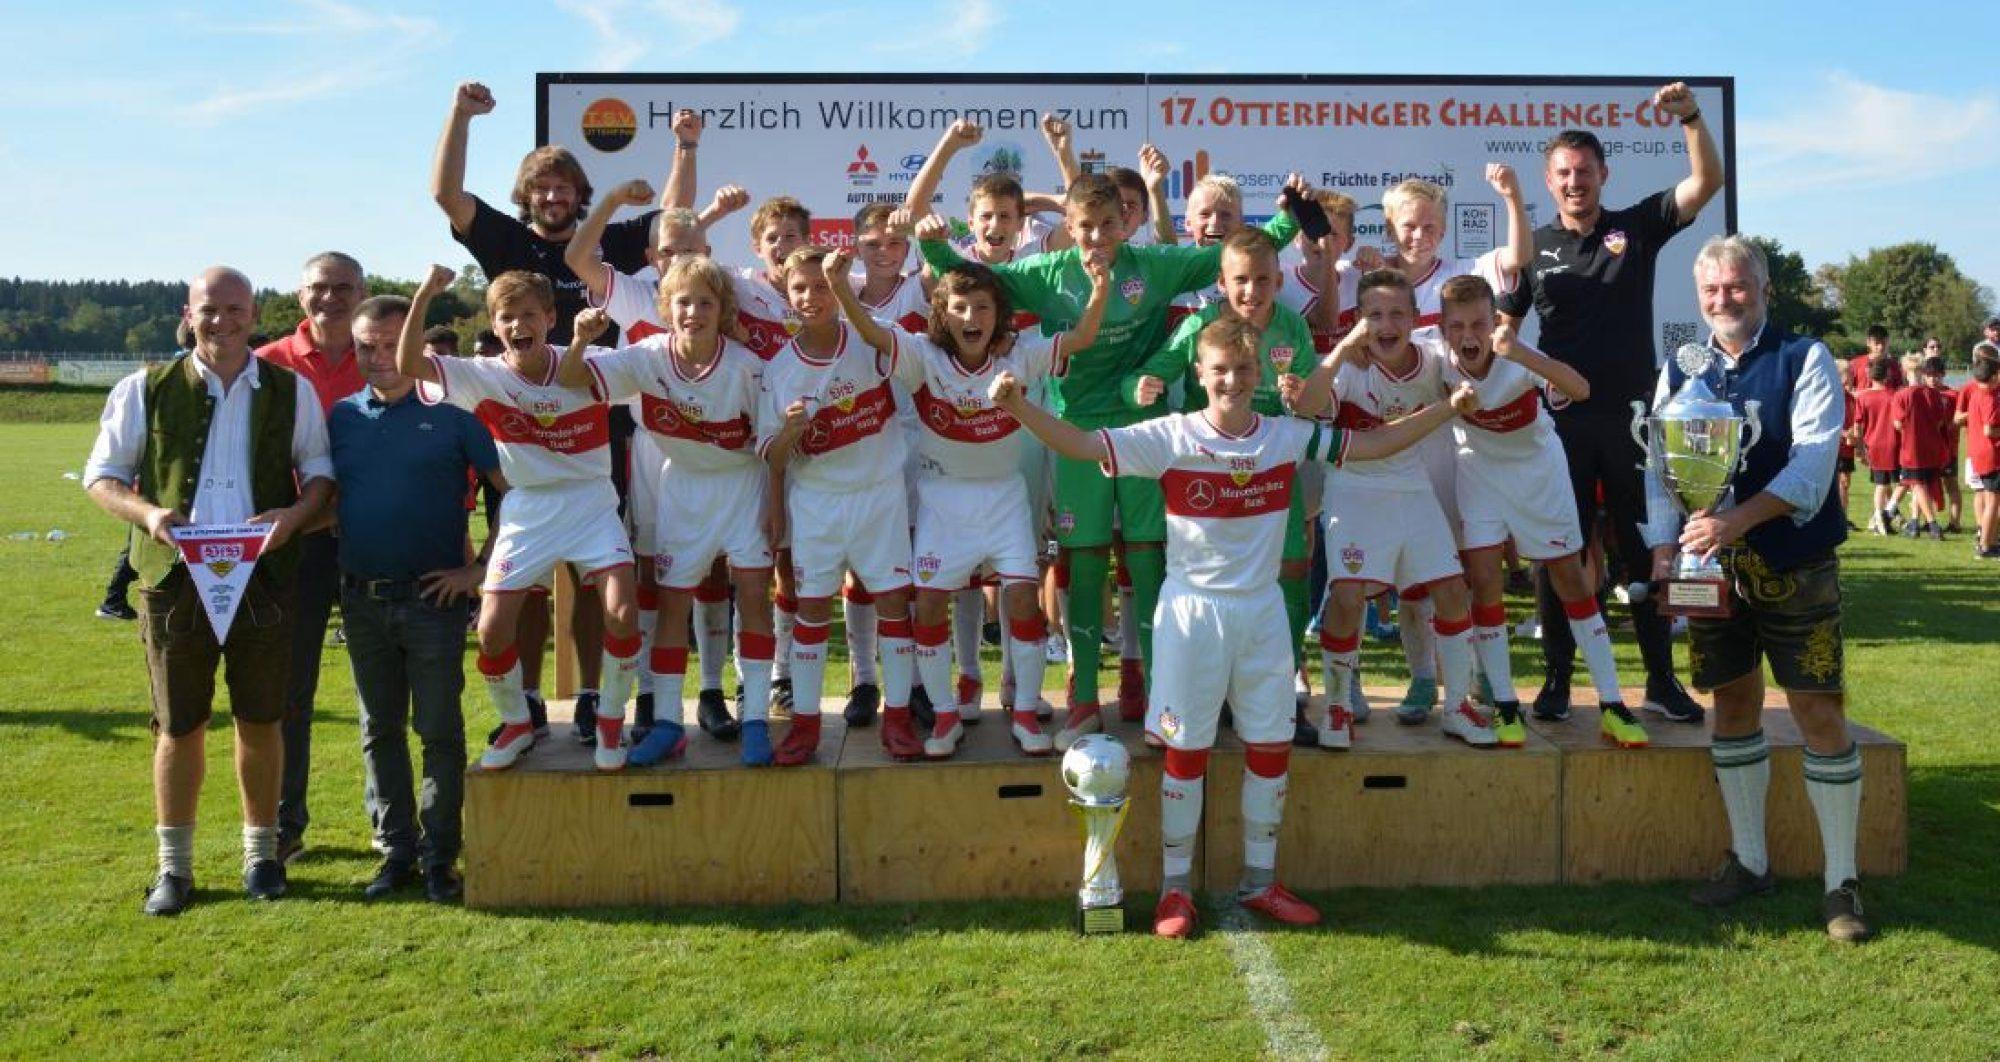 Otterfinger Challenge-Cup 2018 für U13 Mannschaften